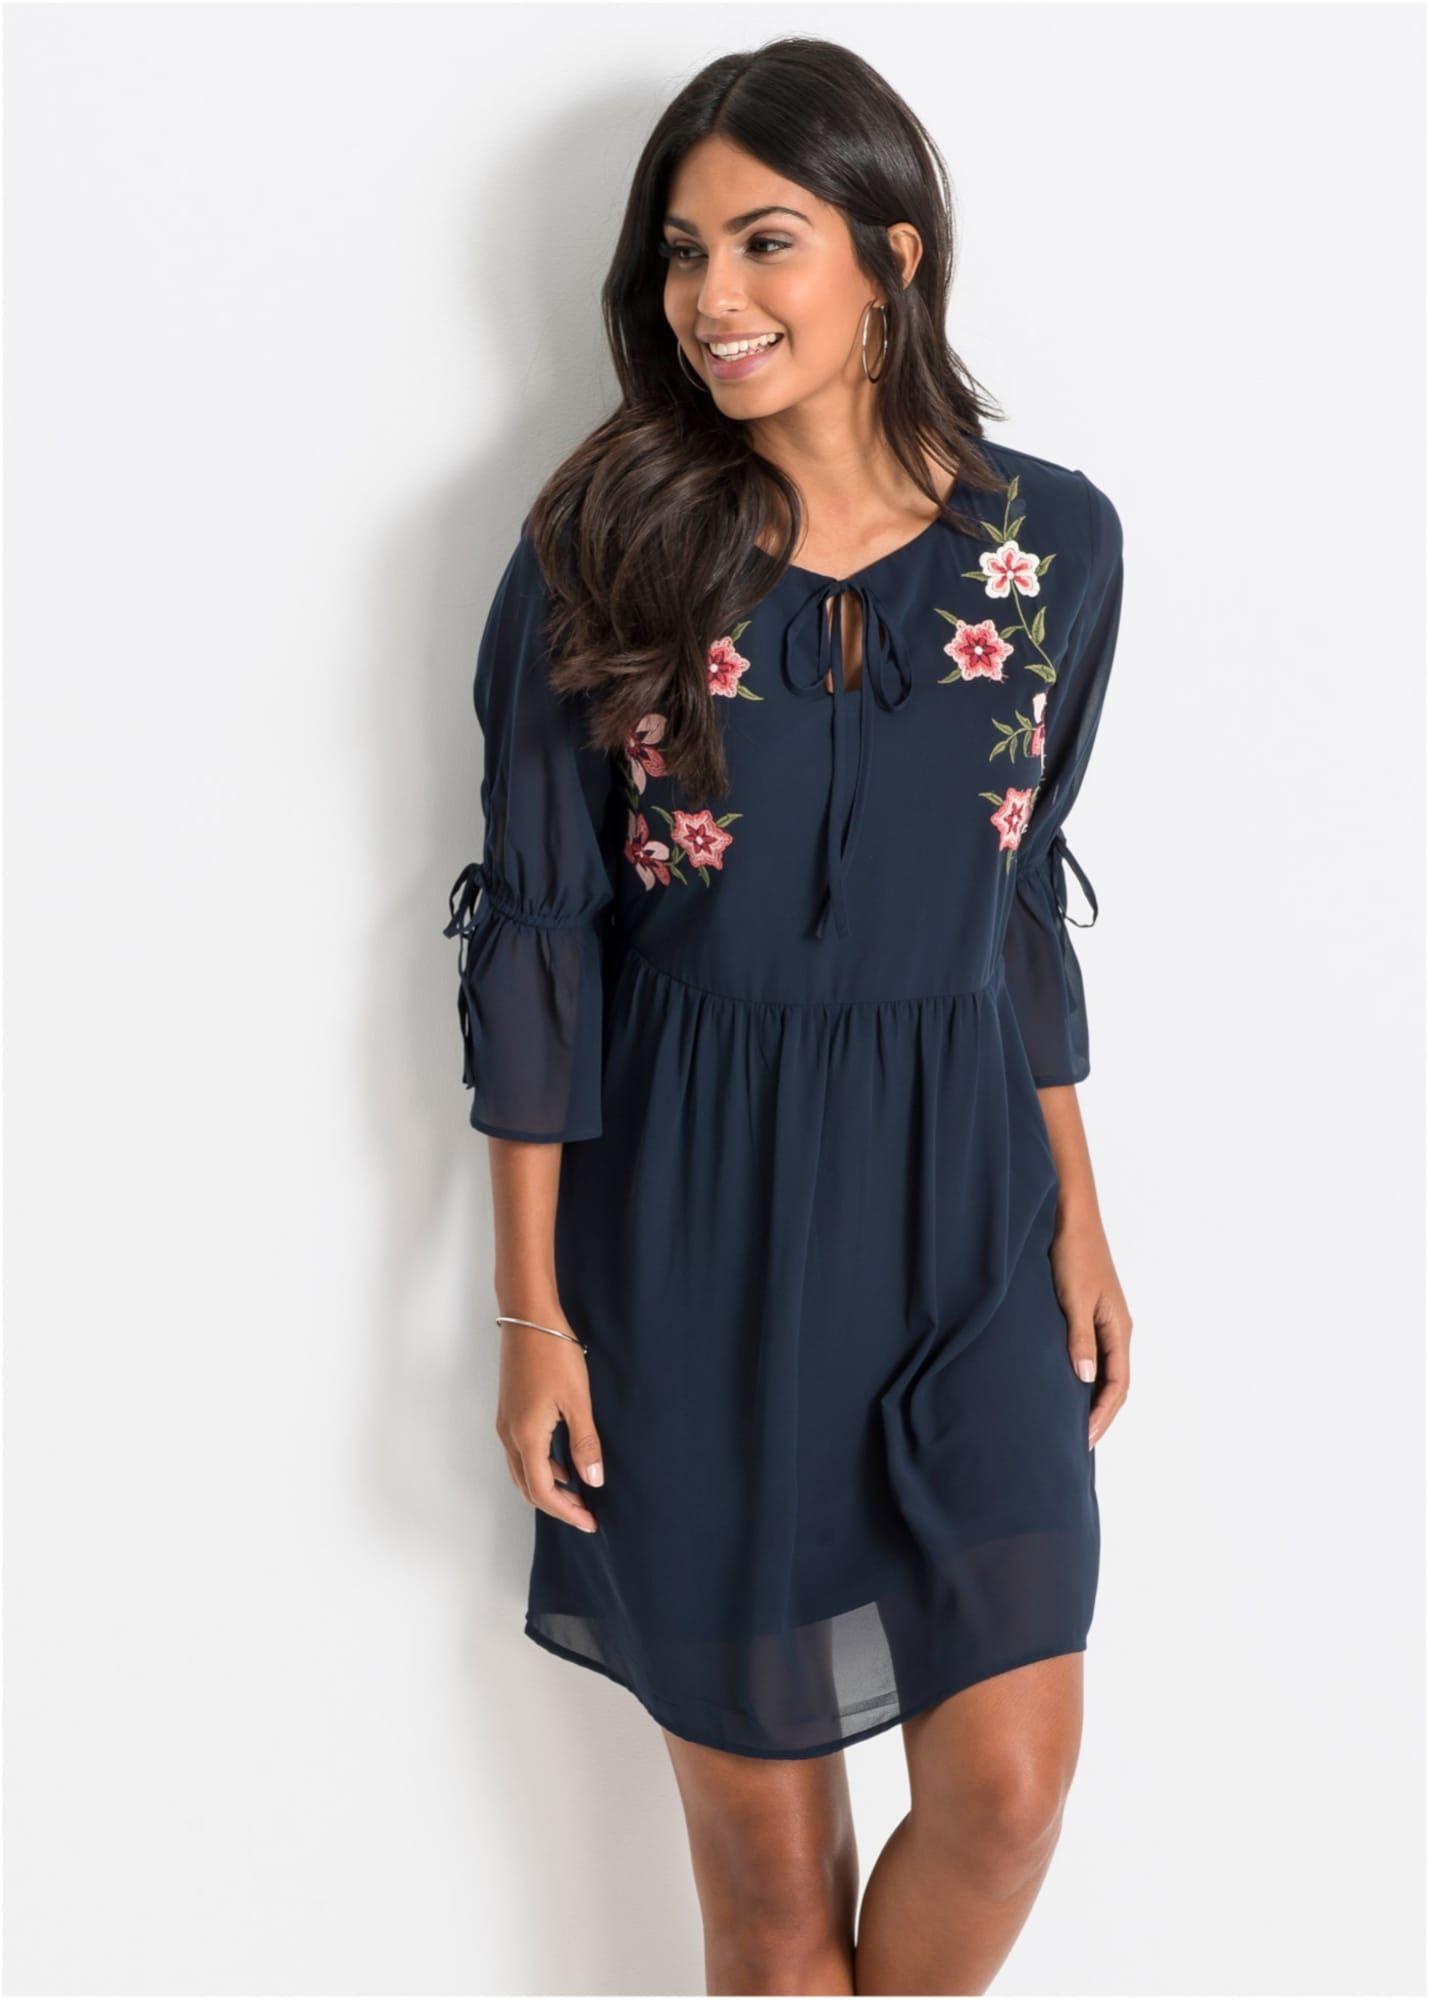 10 Schön Damen Kleider Ab Größe 50 StylishDesigner Genial Damen Kleider Ab Größe 50 Boutique